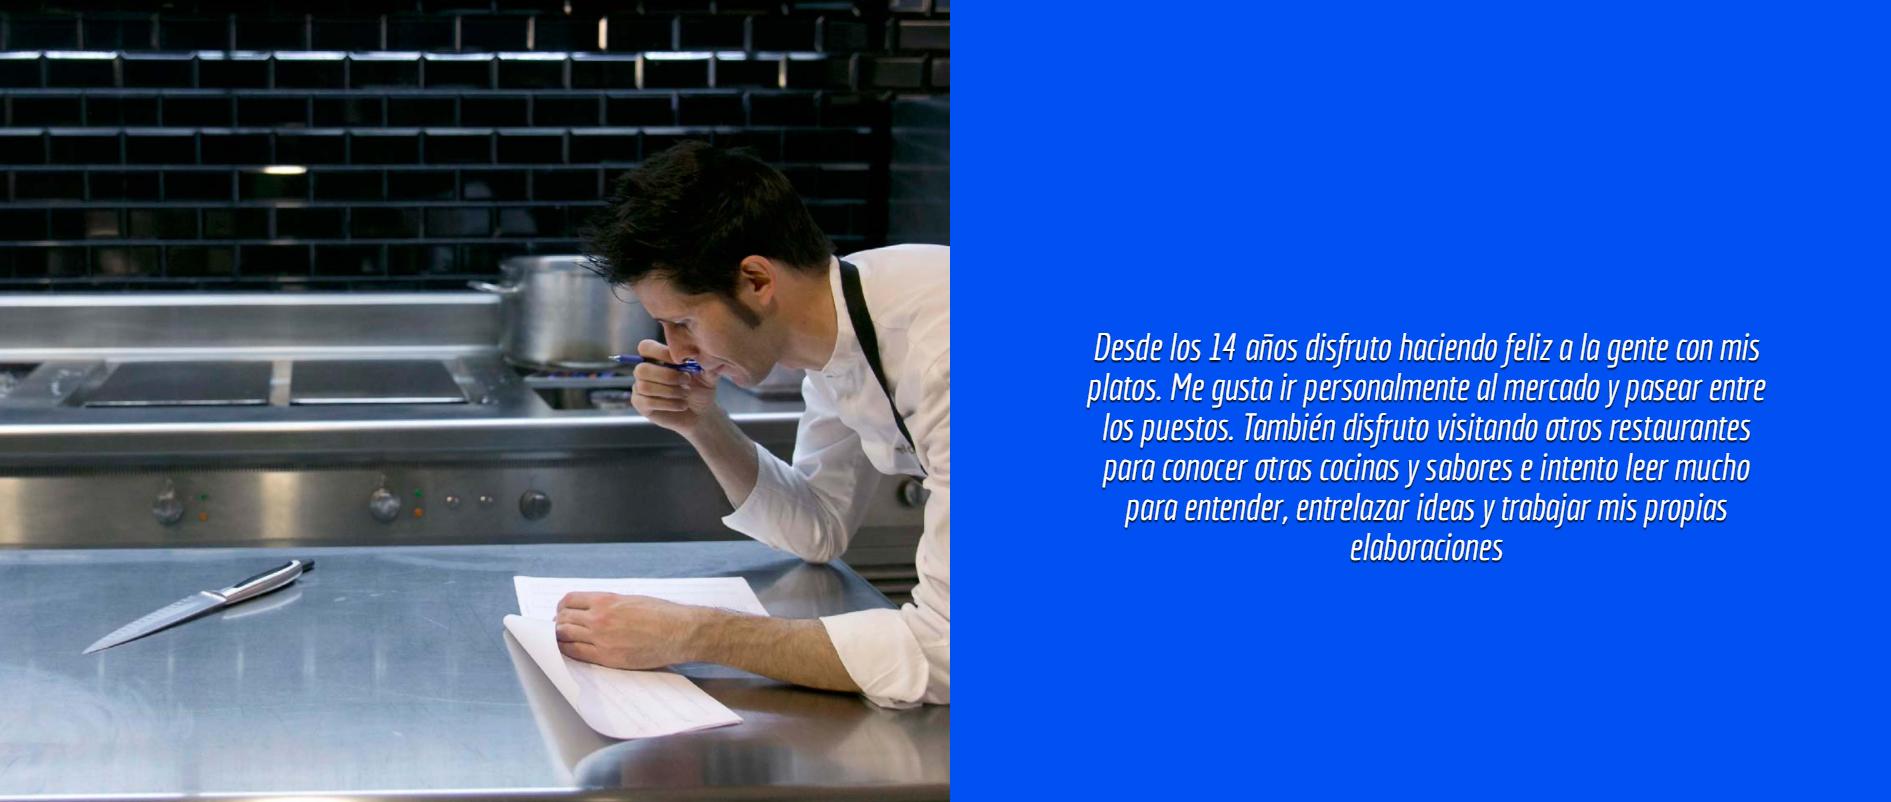 Presentación del chef Manolito en la web del Quema